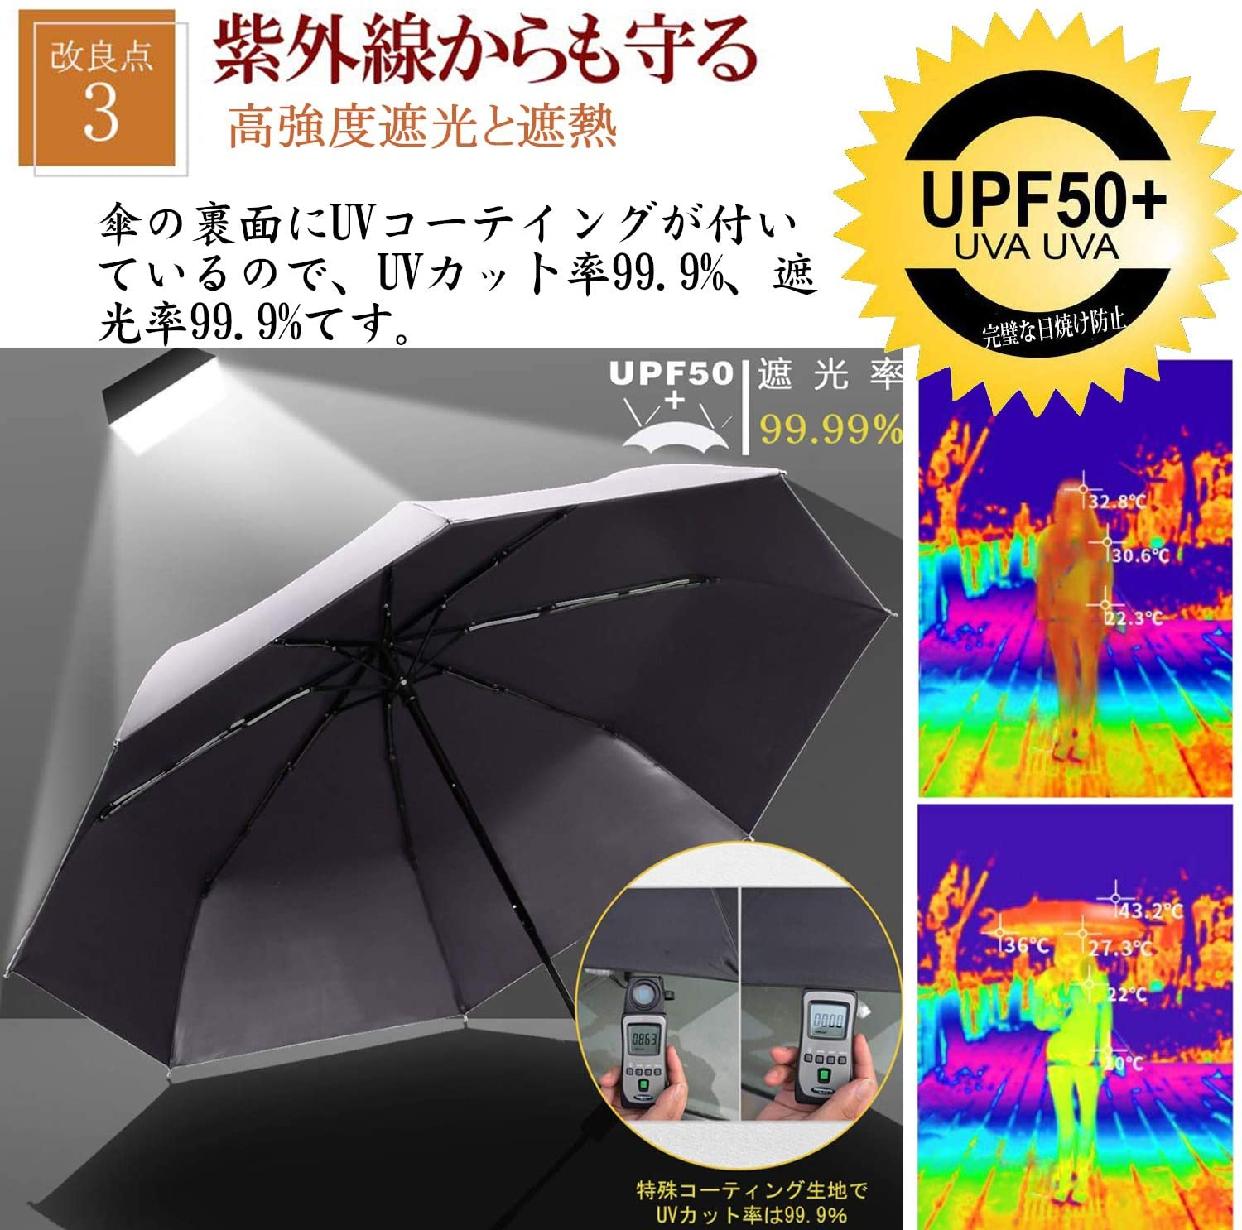 Anbella(アンベラ) 折りたたみ傘 日傘 メンズの商品画像5